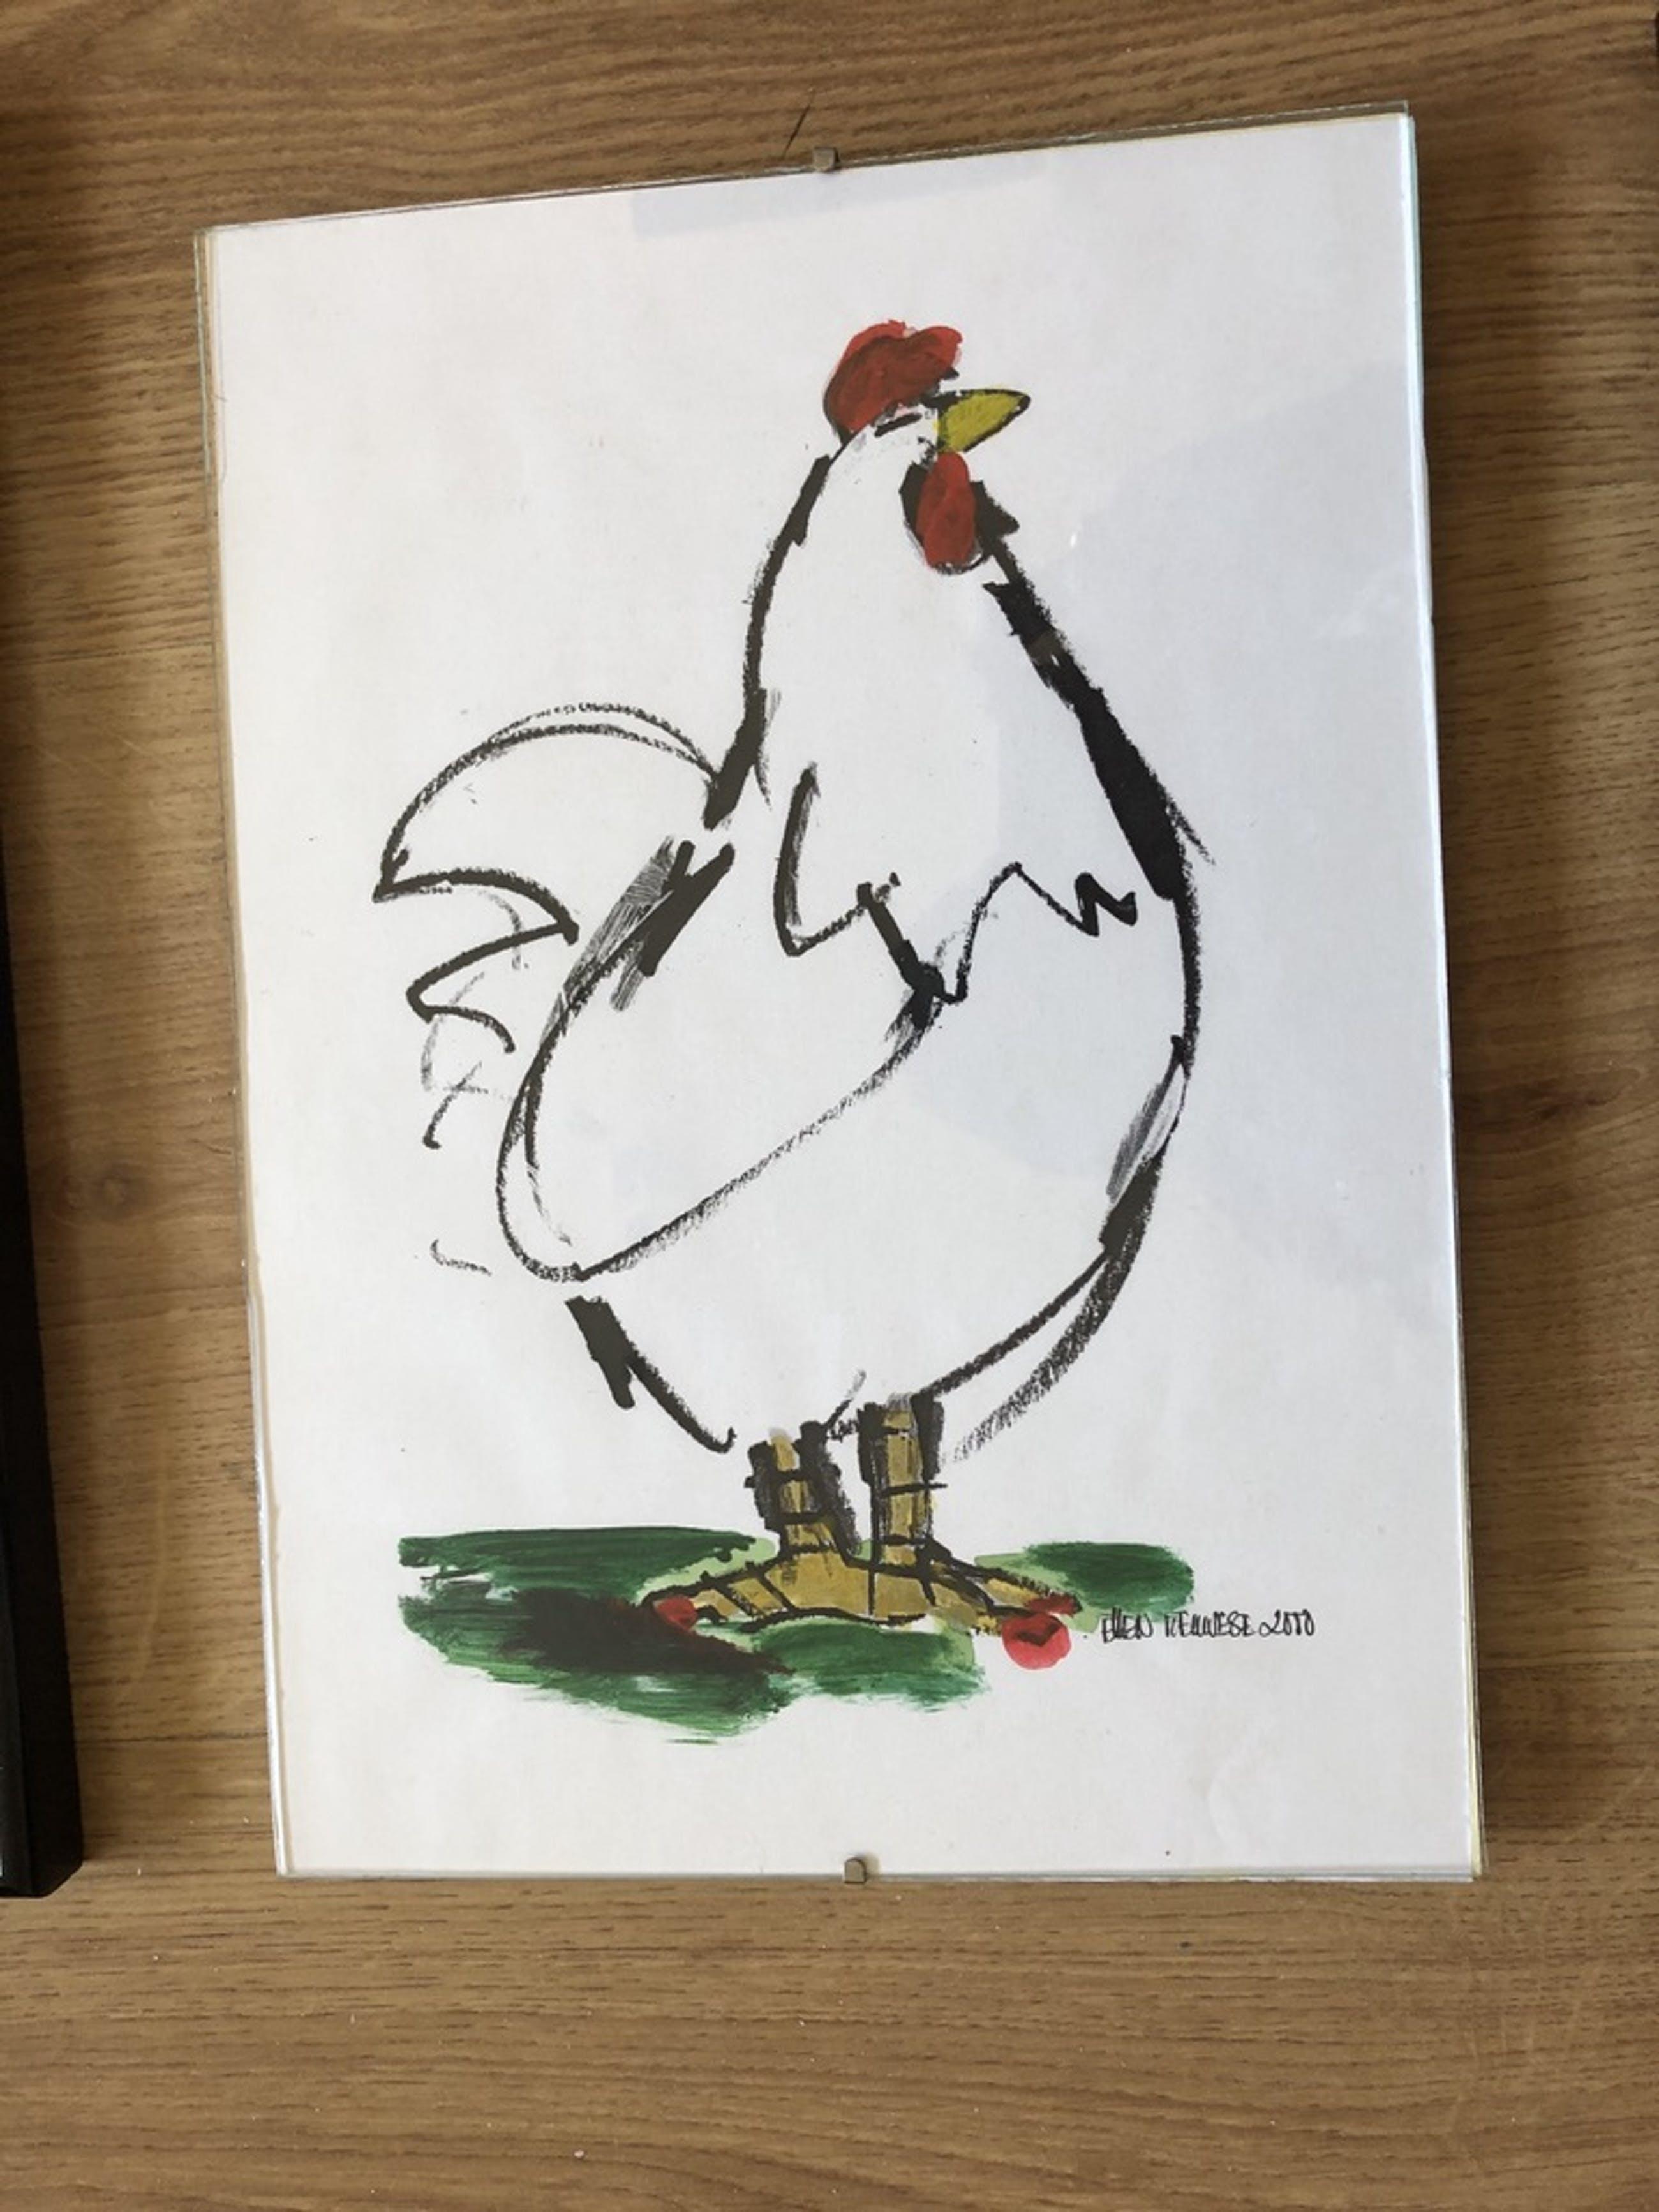 Ellen Meuwese - 3 Zeefdrukken van de kippenserie - gesigneerd kopen? Bied vanaf 35!